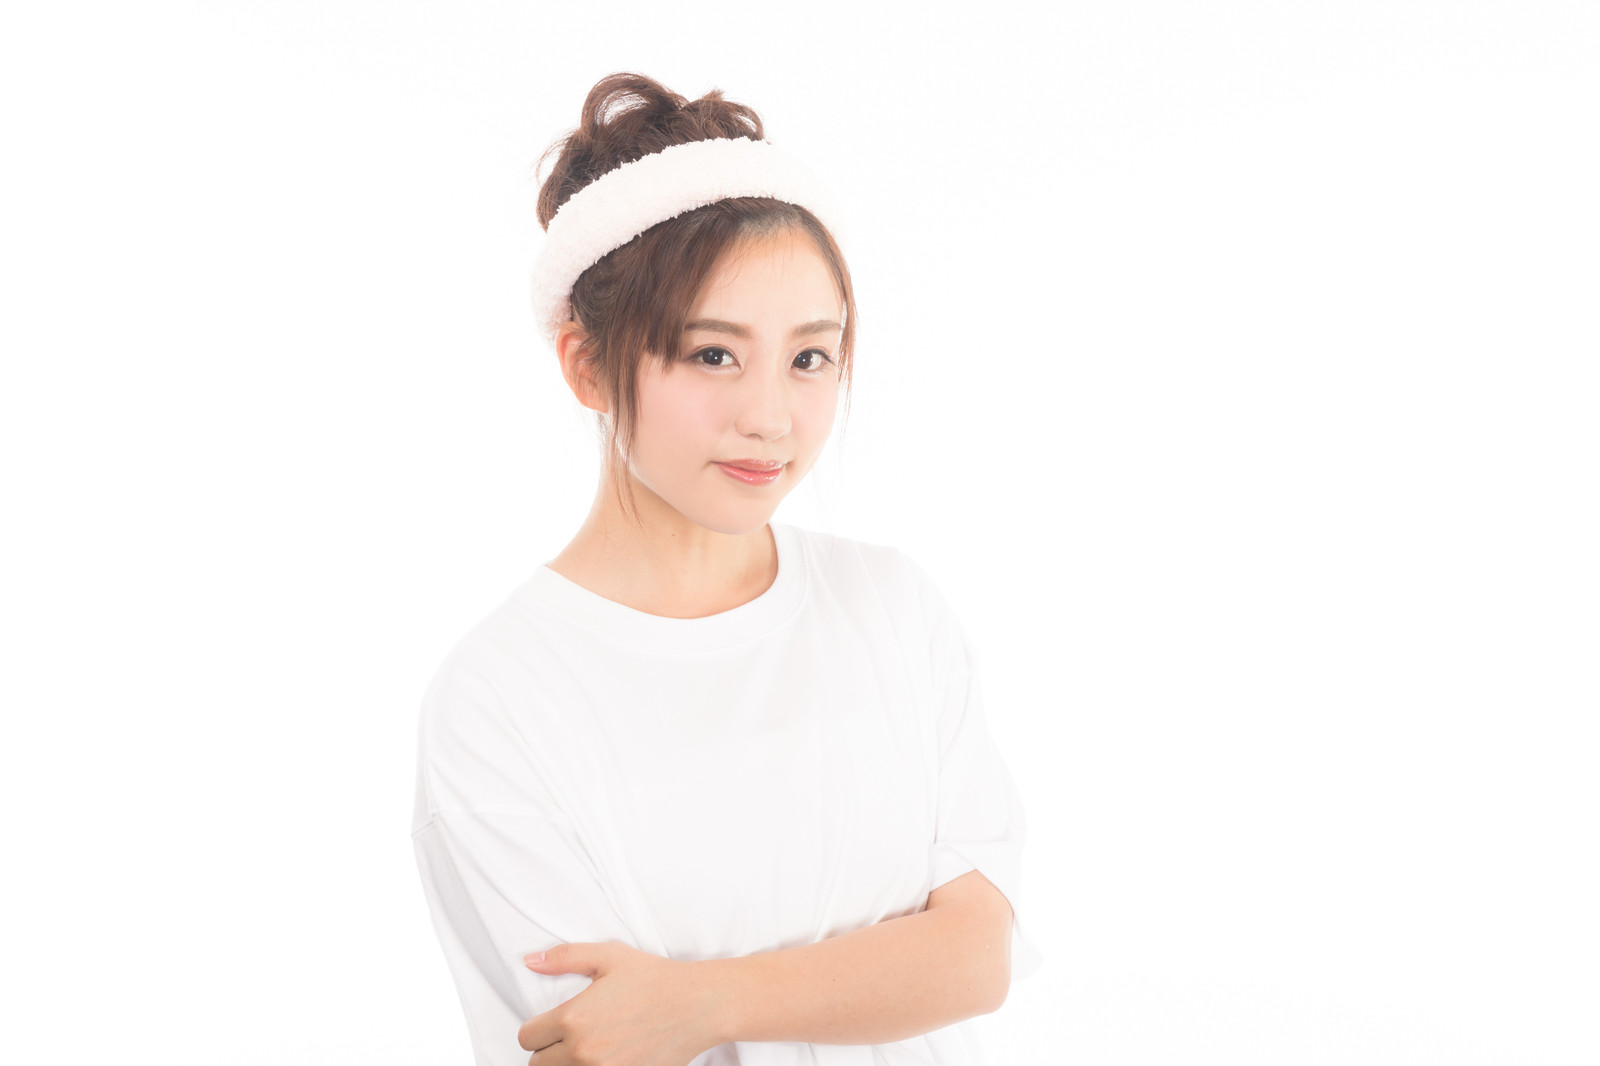 「クレンジング前の女性クレンジング前の女性」[モデル:河村友歌]のフリー写真素材を拡大